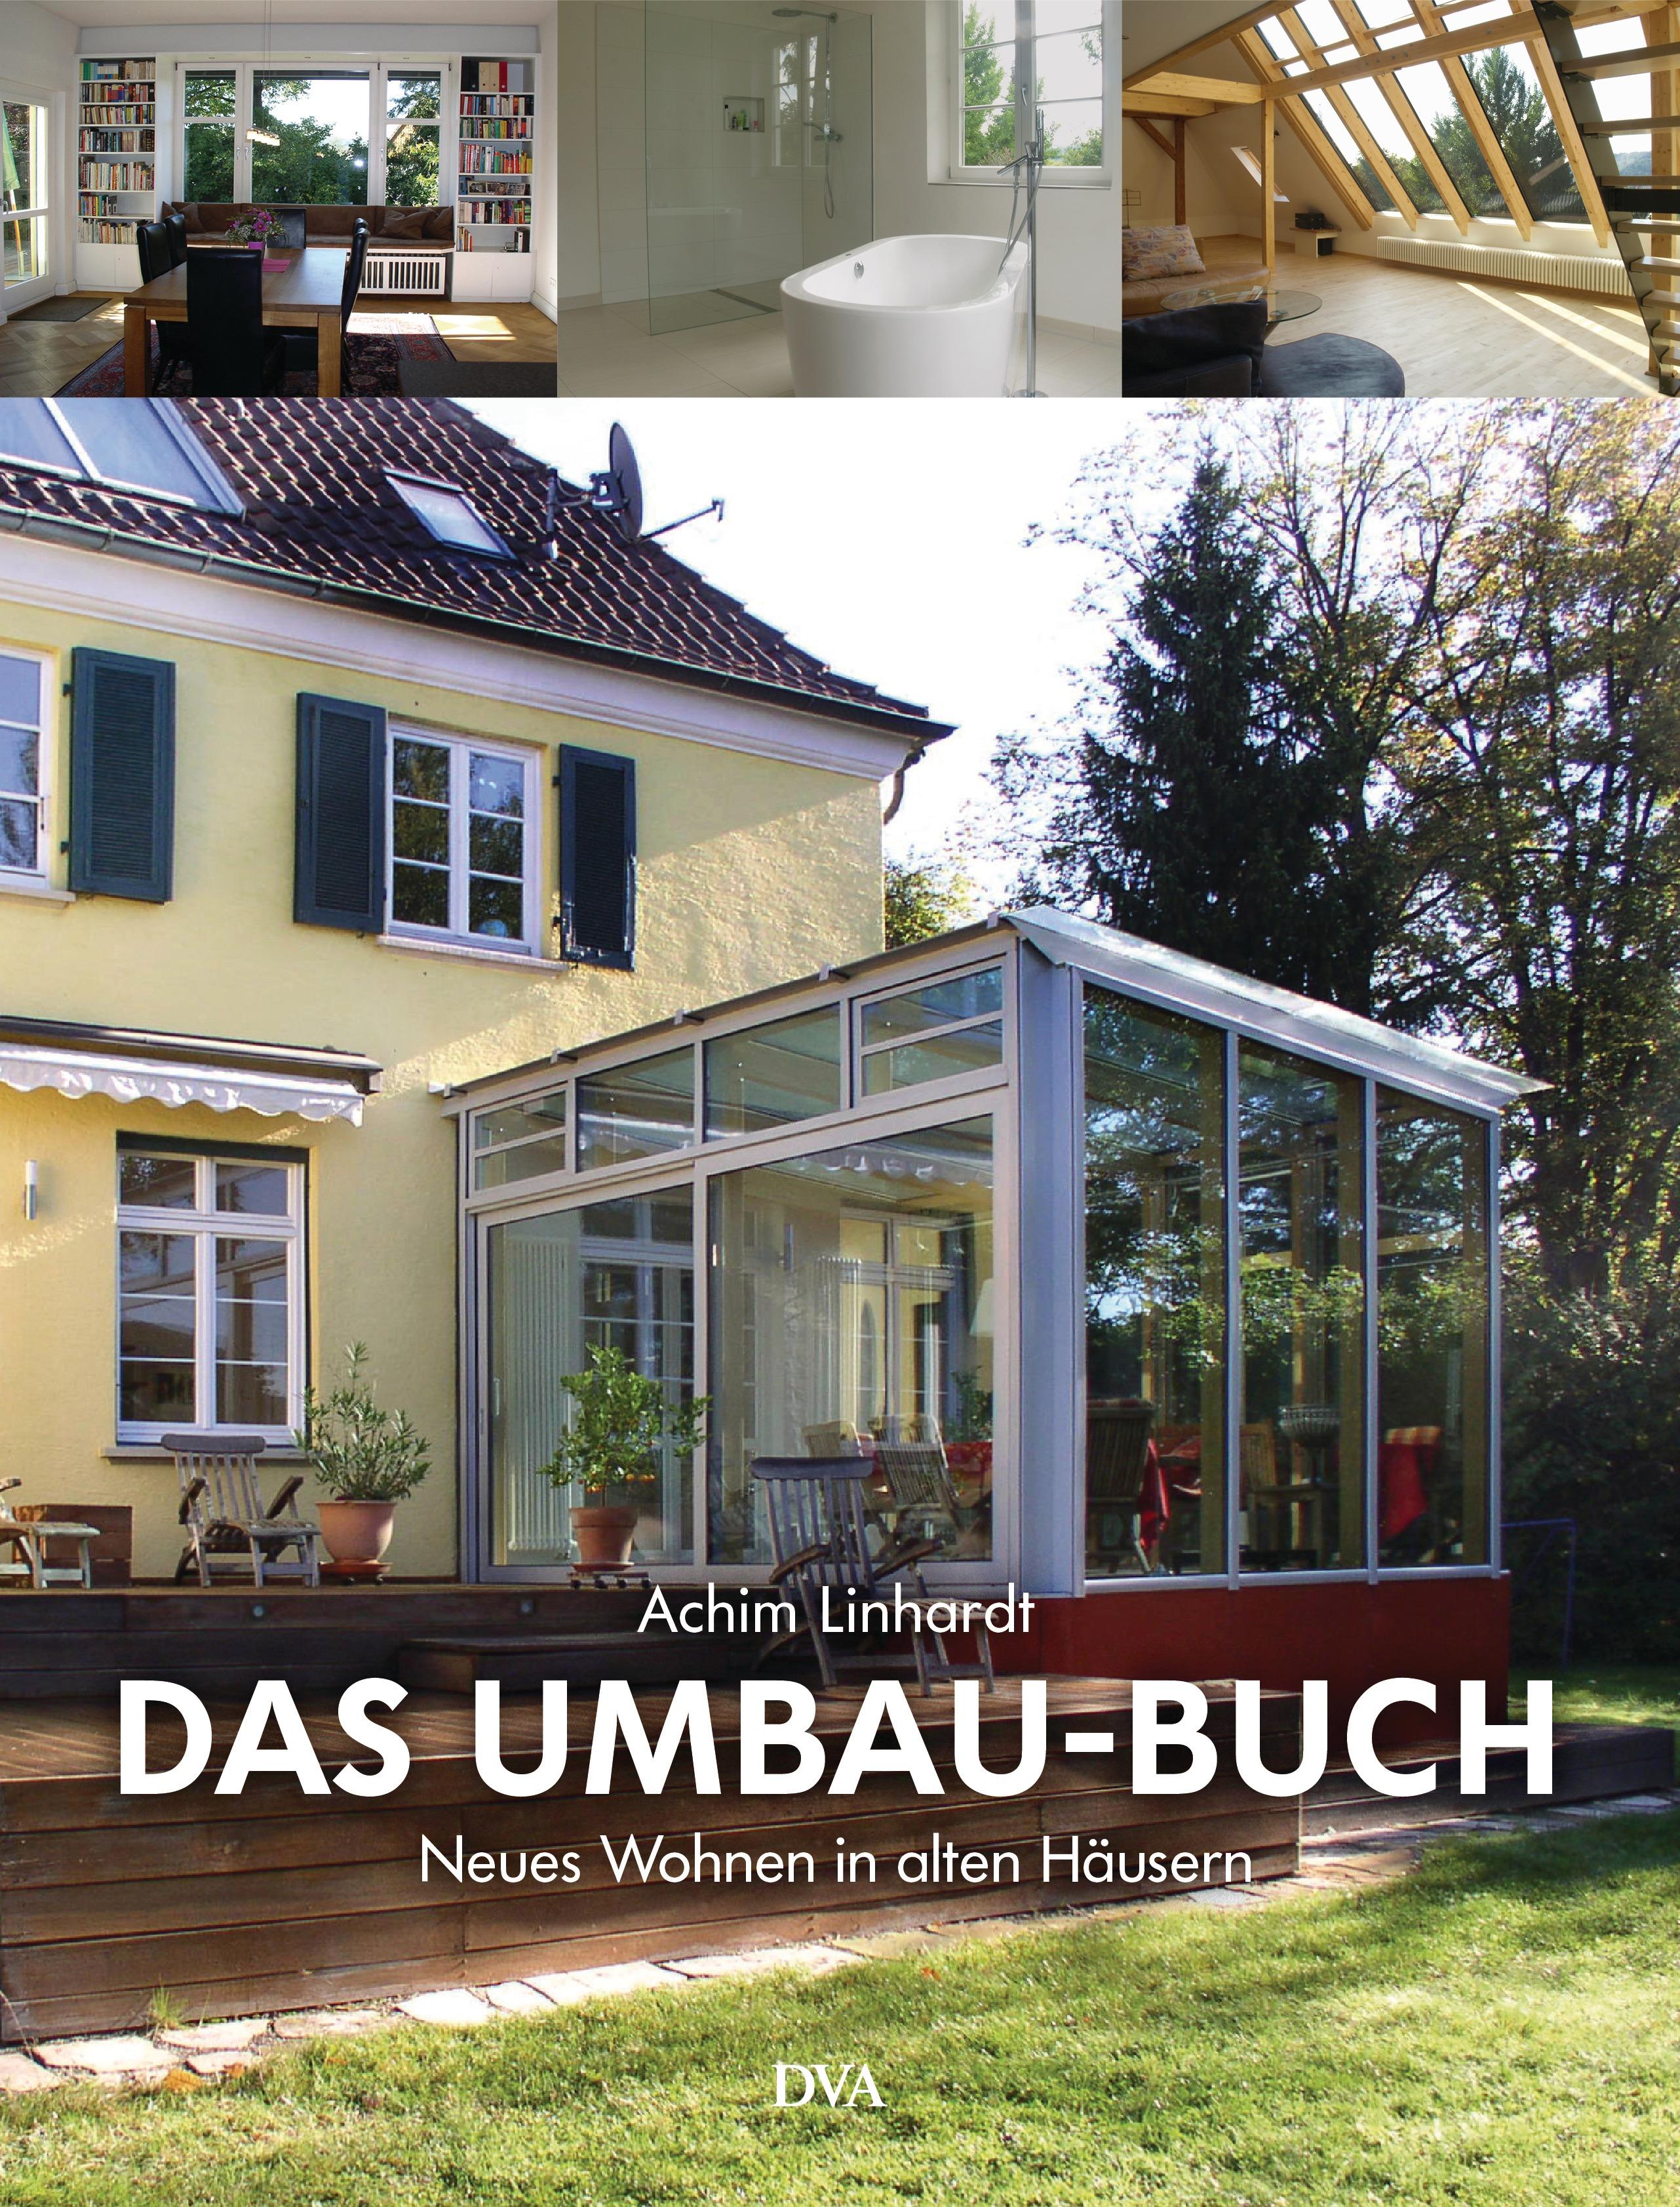 Das Umbau-Buch: Neues Wohnen in alten Häusern -...